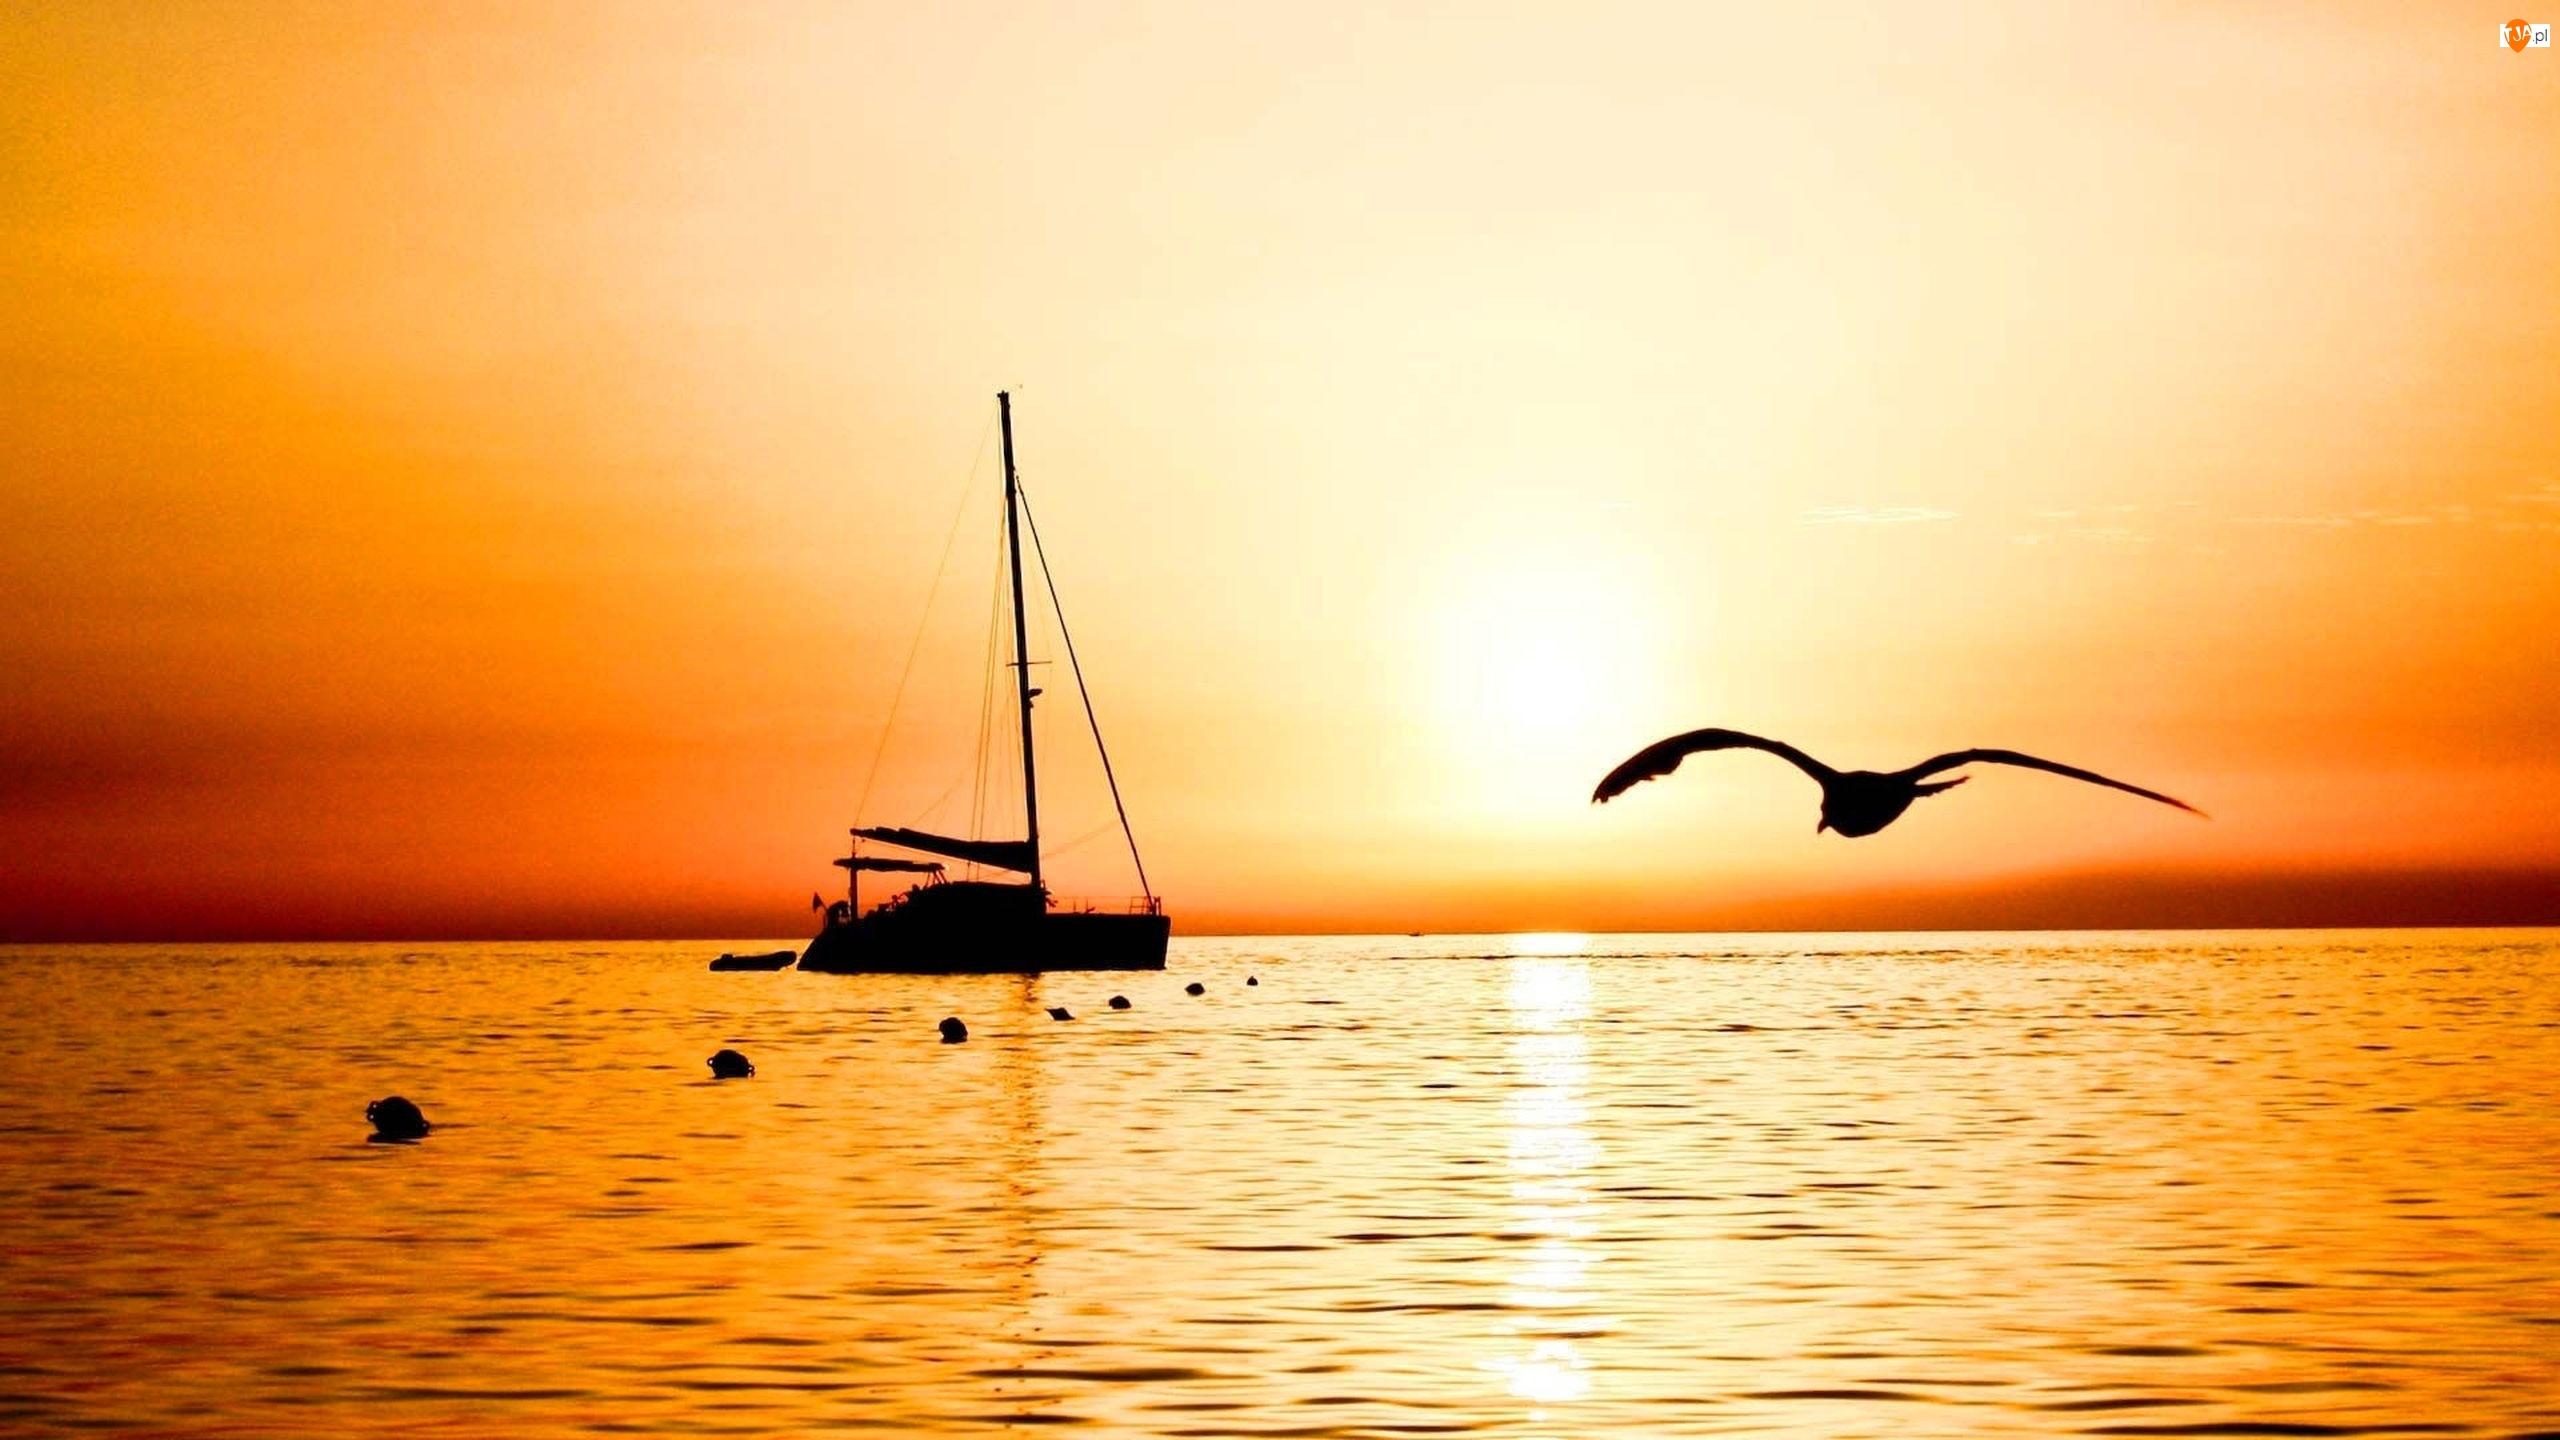 Morze, Ptak, Jacht, Zachód Słońca